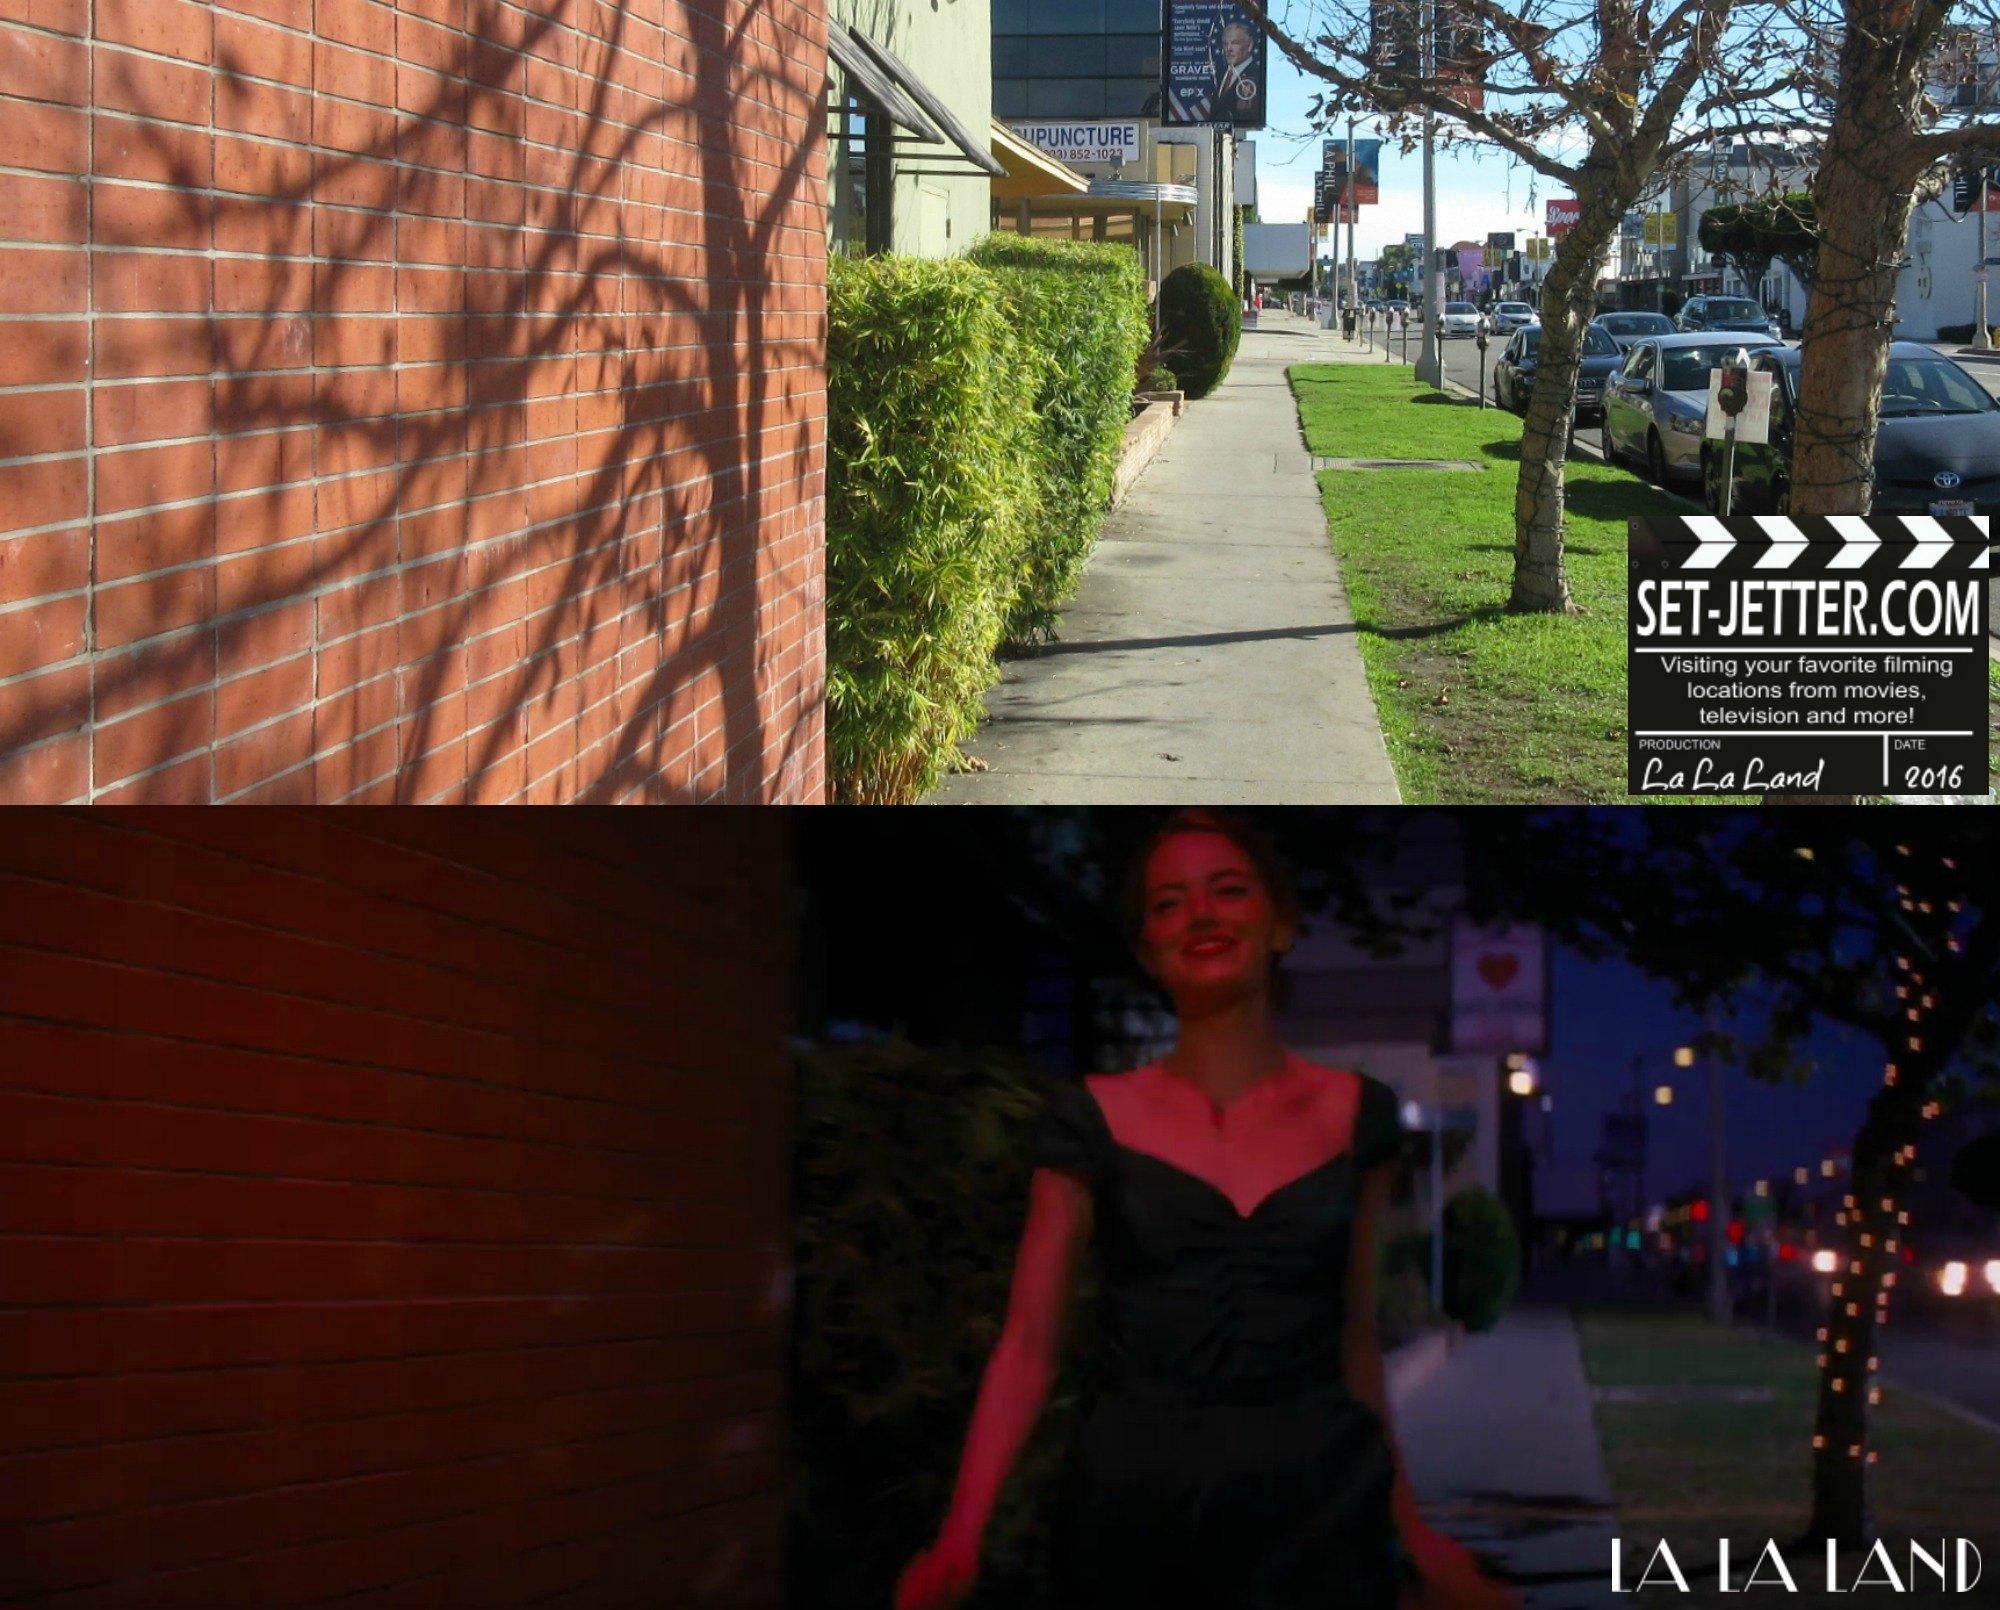 La La Land comparison 83.jpg